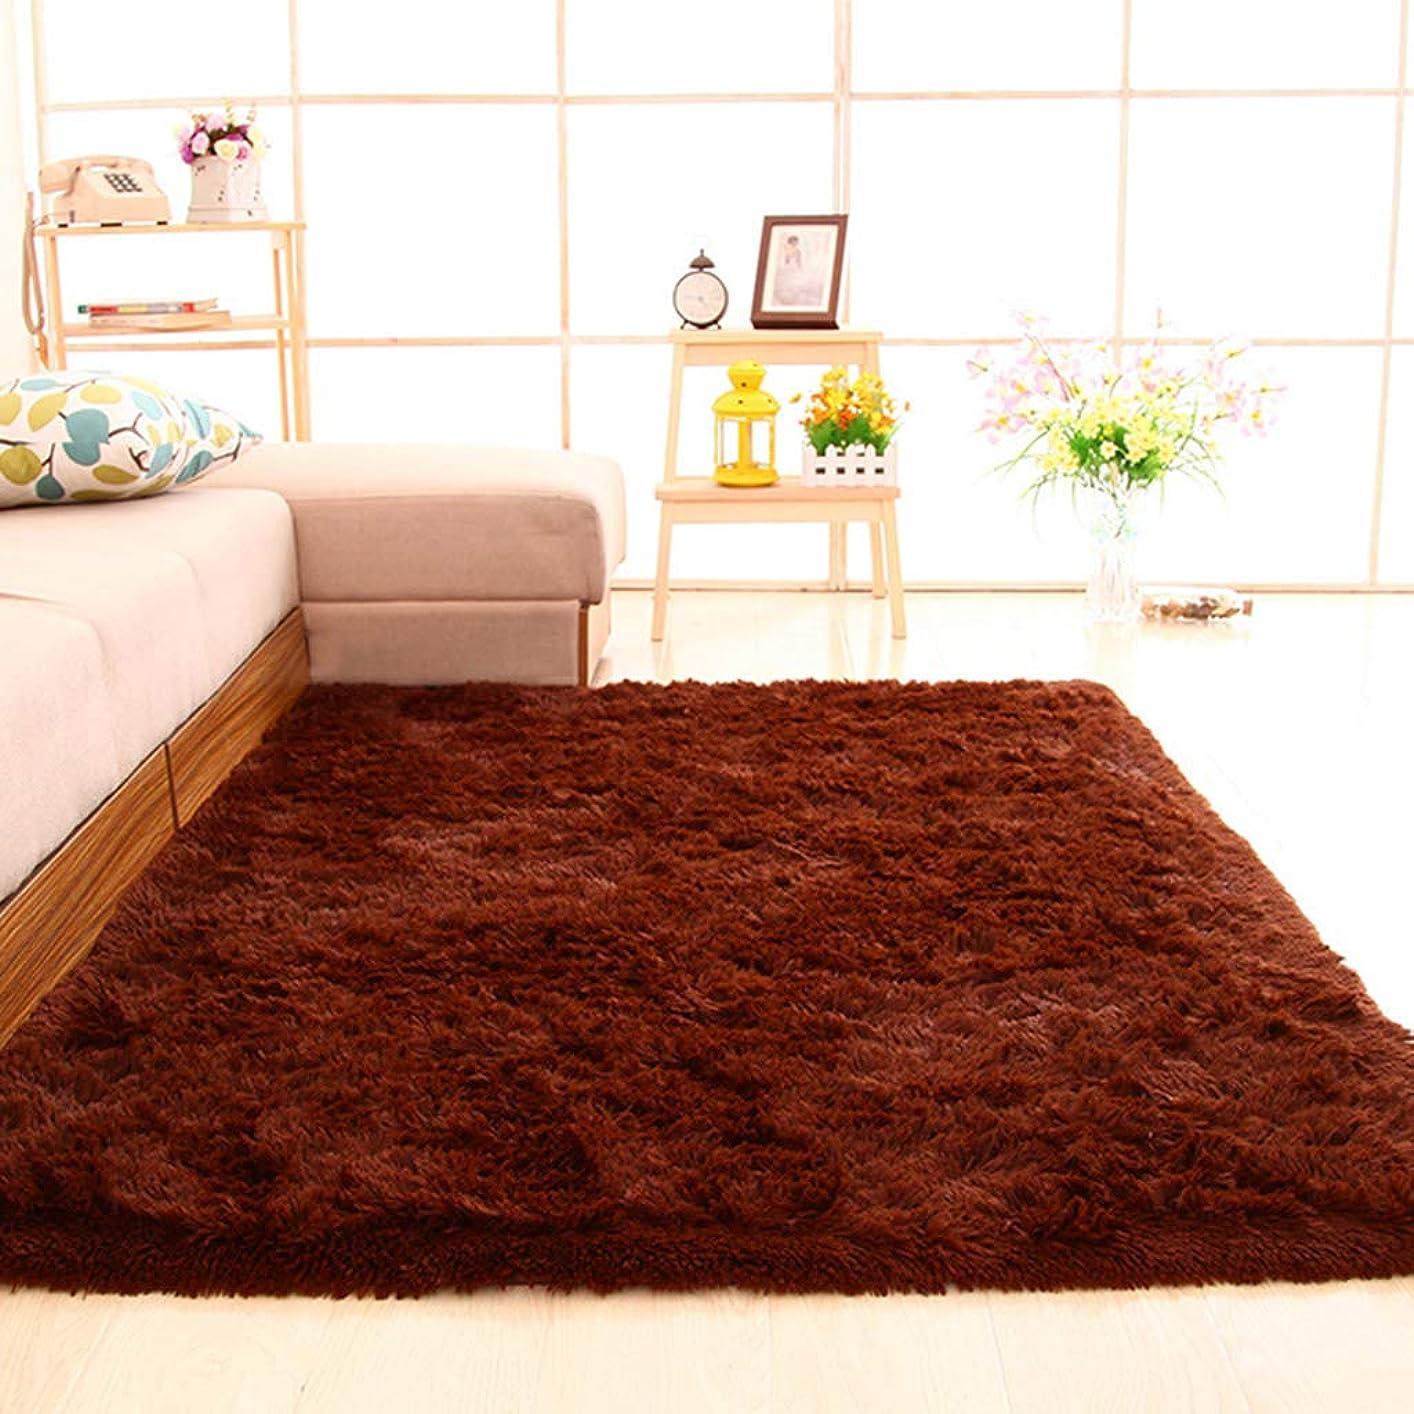 上昇まっすぐ電気のGXH- 家の装飾のために適した1.4mx2m長方形のカーペット柔らかくふわふわ、安全で環境に優しいベッドサイドの敷物、